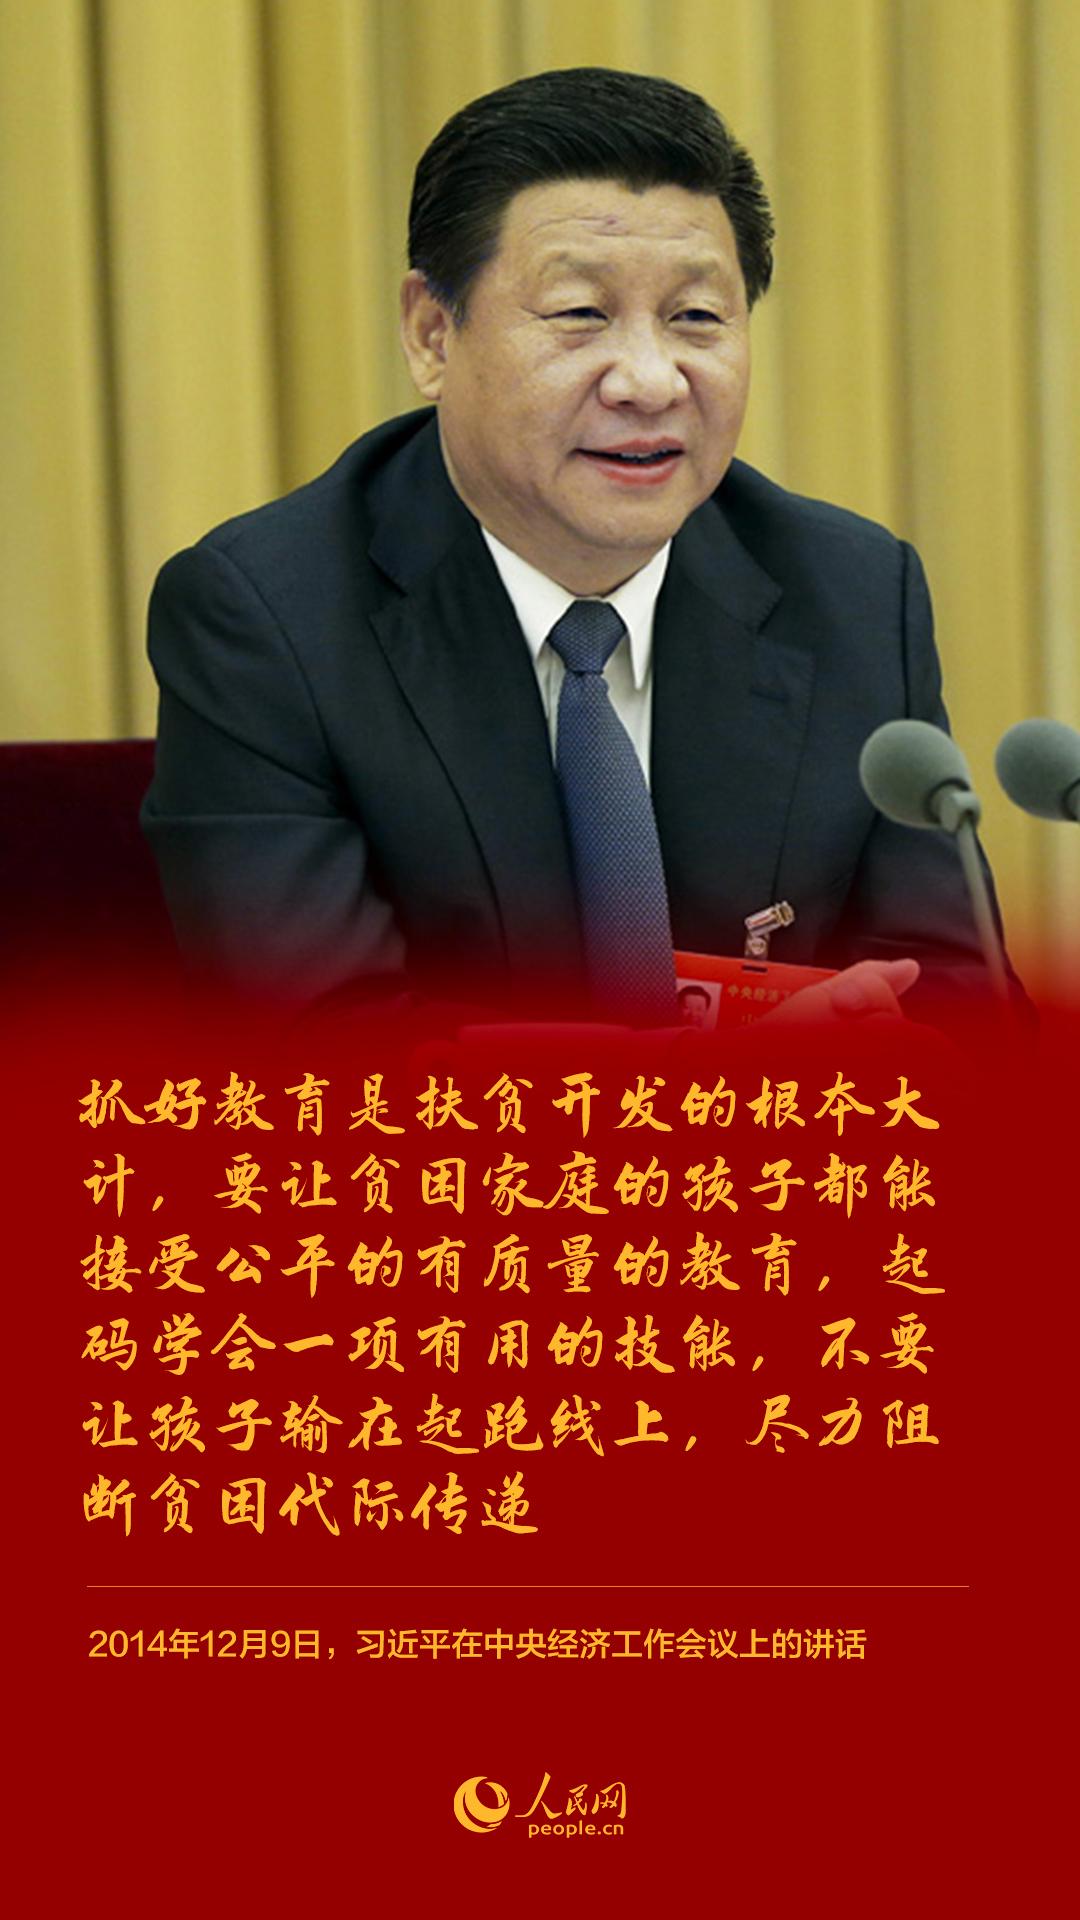 实实在在是中华民族伟大复兴的艰难奋斗历程中一个扭转乾坤的历史阶段